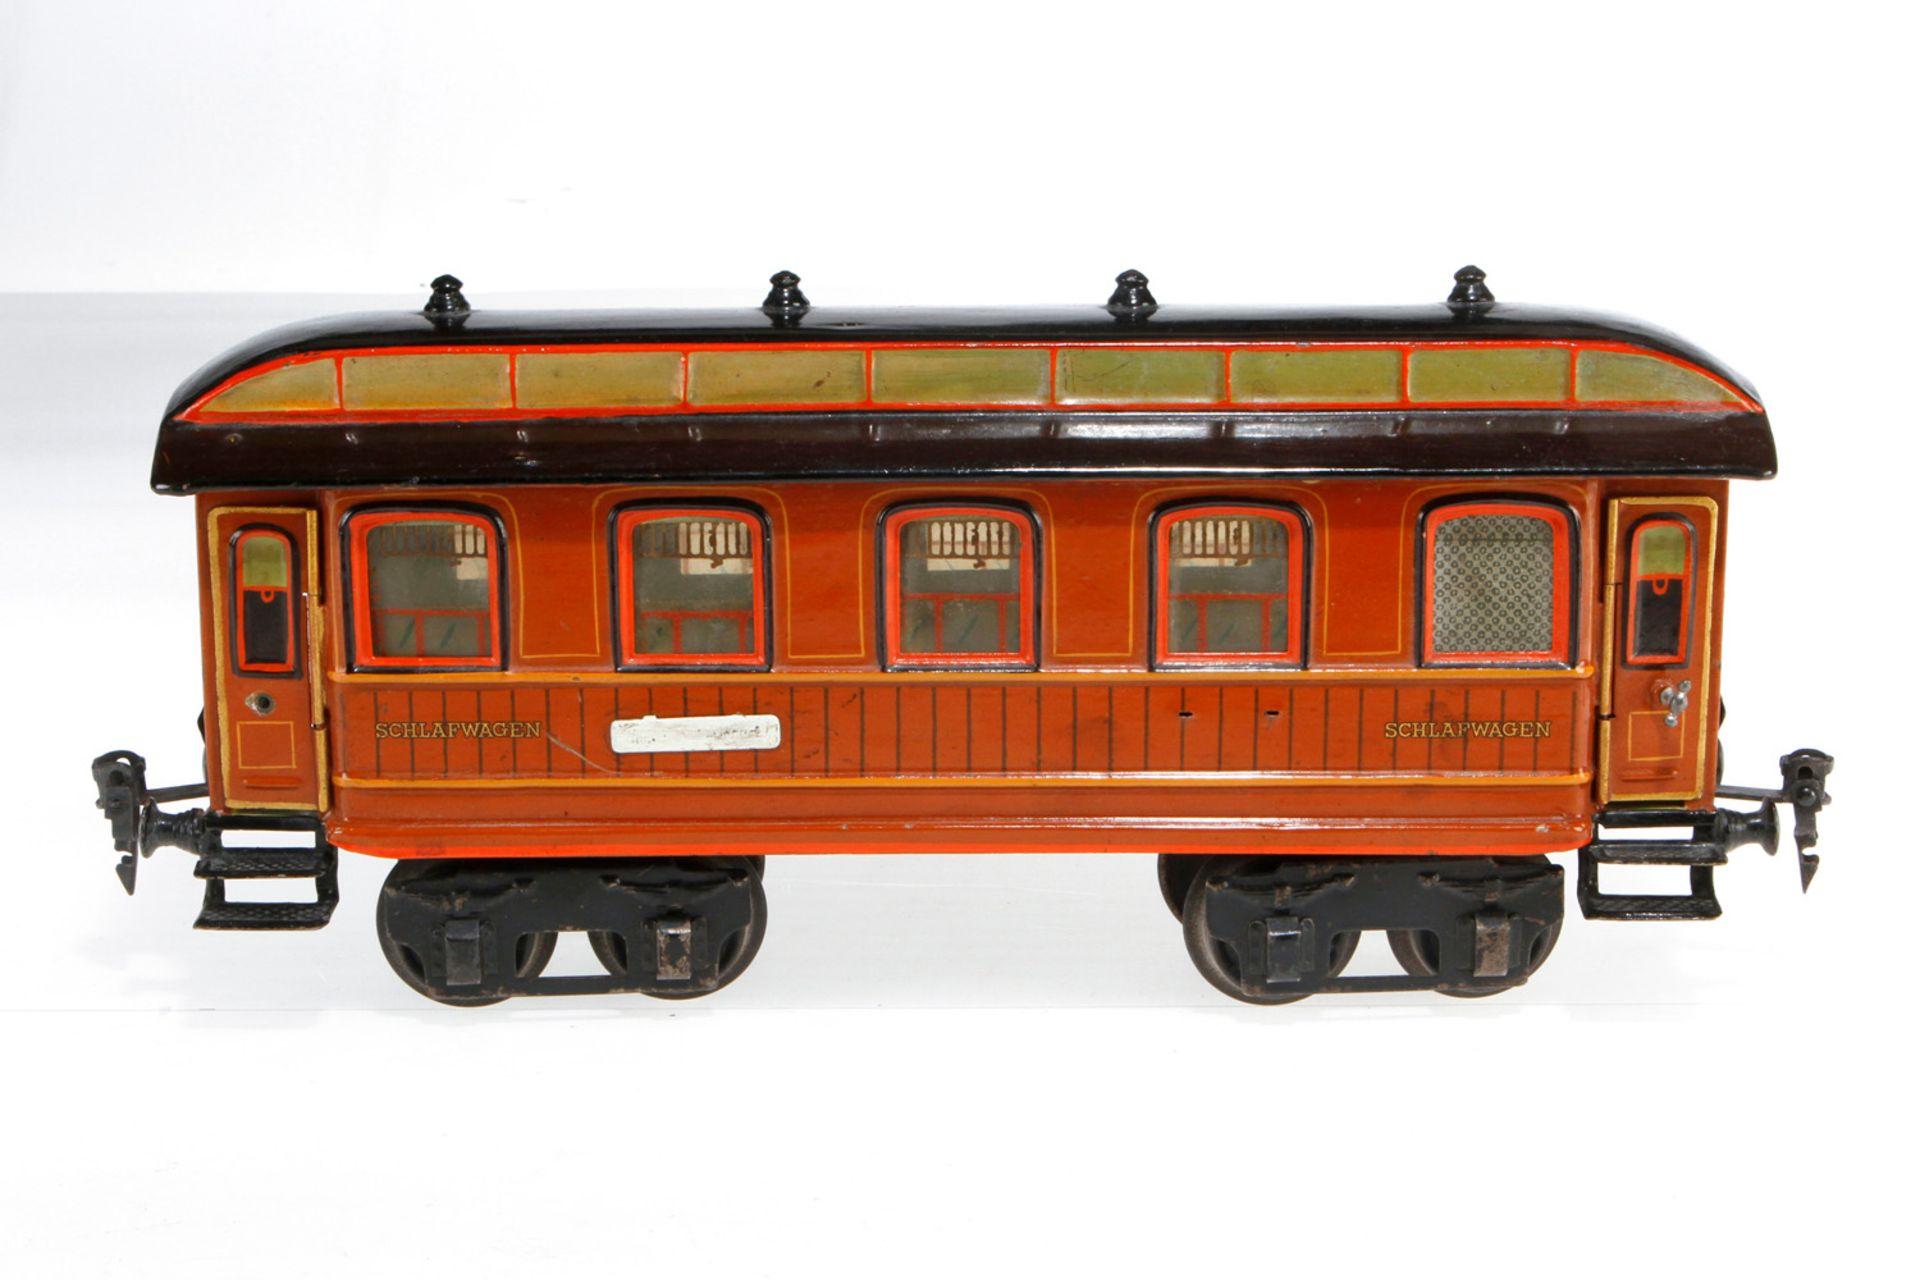 Märklin Schlafwagen 1843, S 1, uralt, HL, mit Inneneinrichtung und 4 AT, 1 Schild und 2 Türgriffe